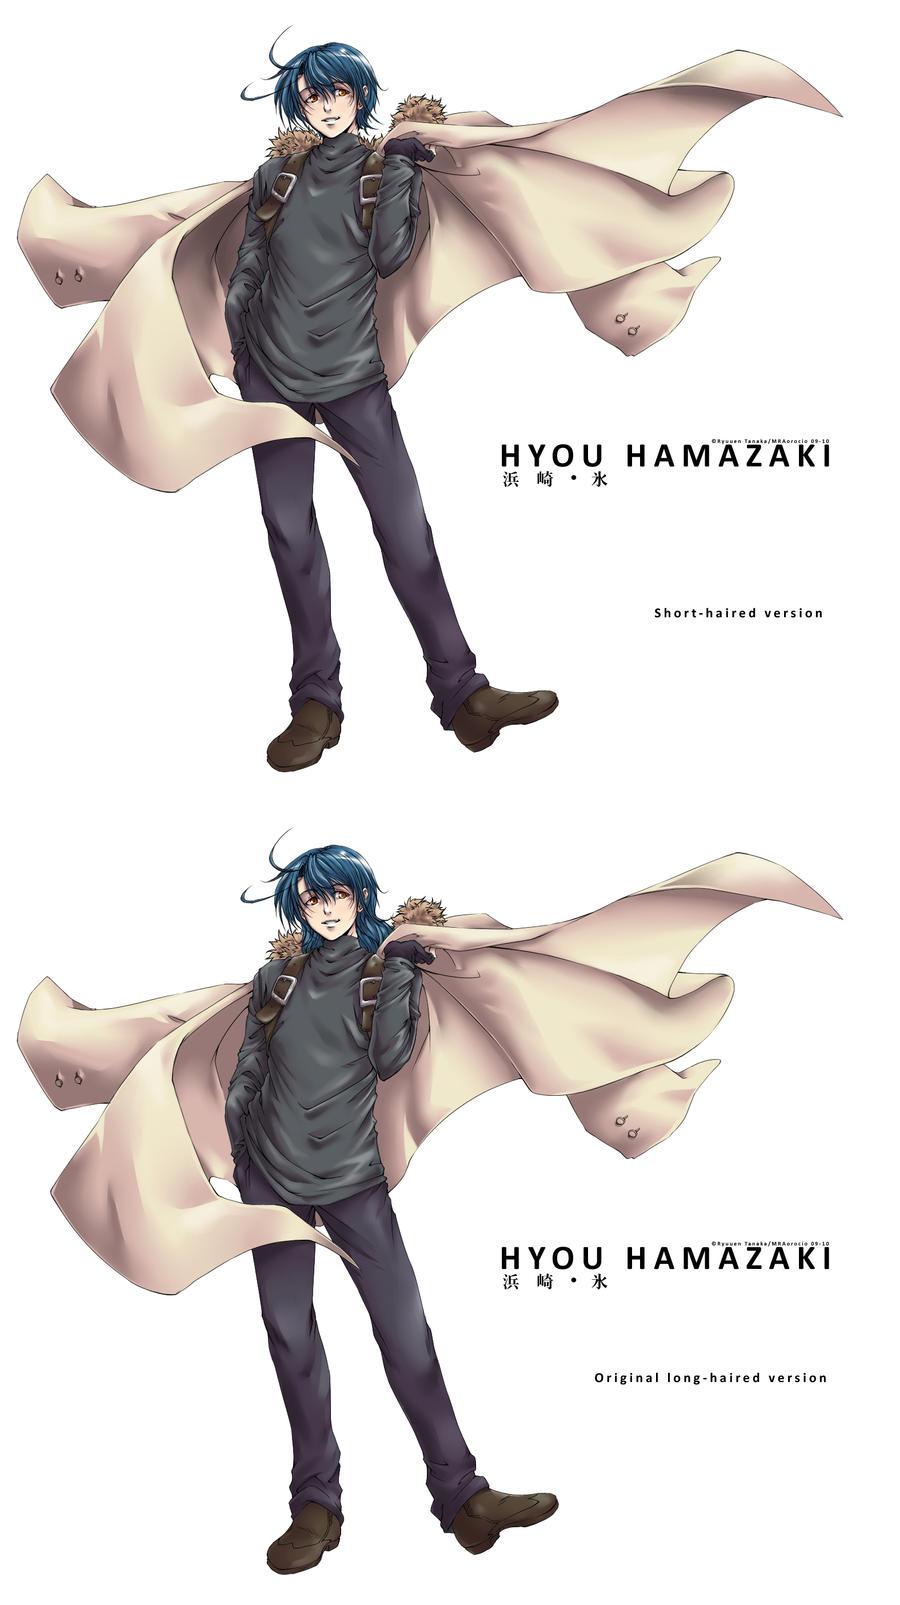 Hyou Hamazaki for SDLT2 CLR by ryuuen